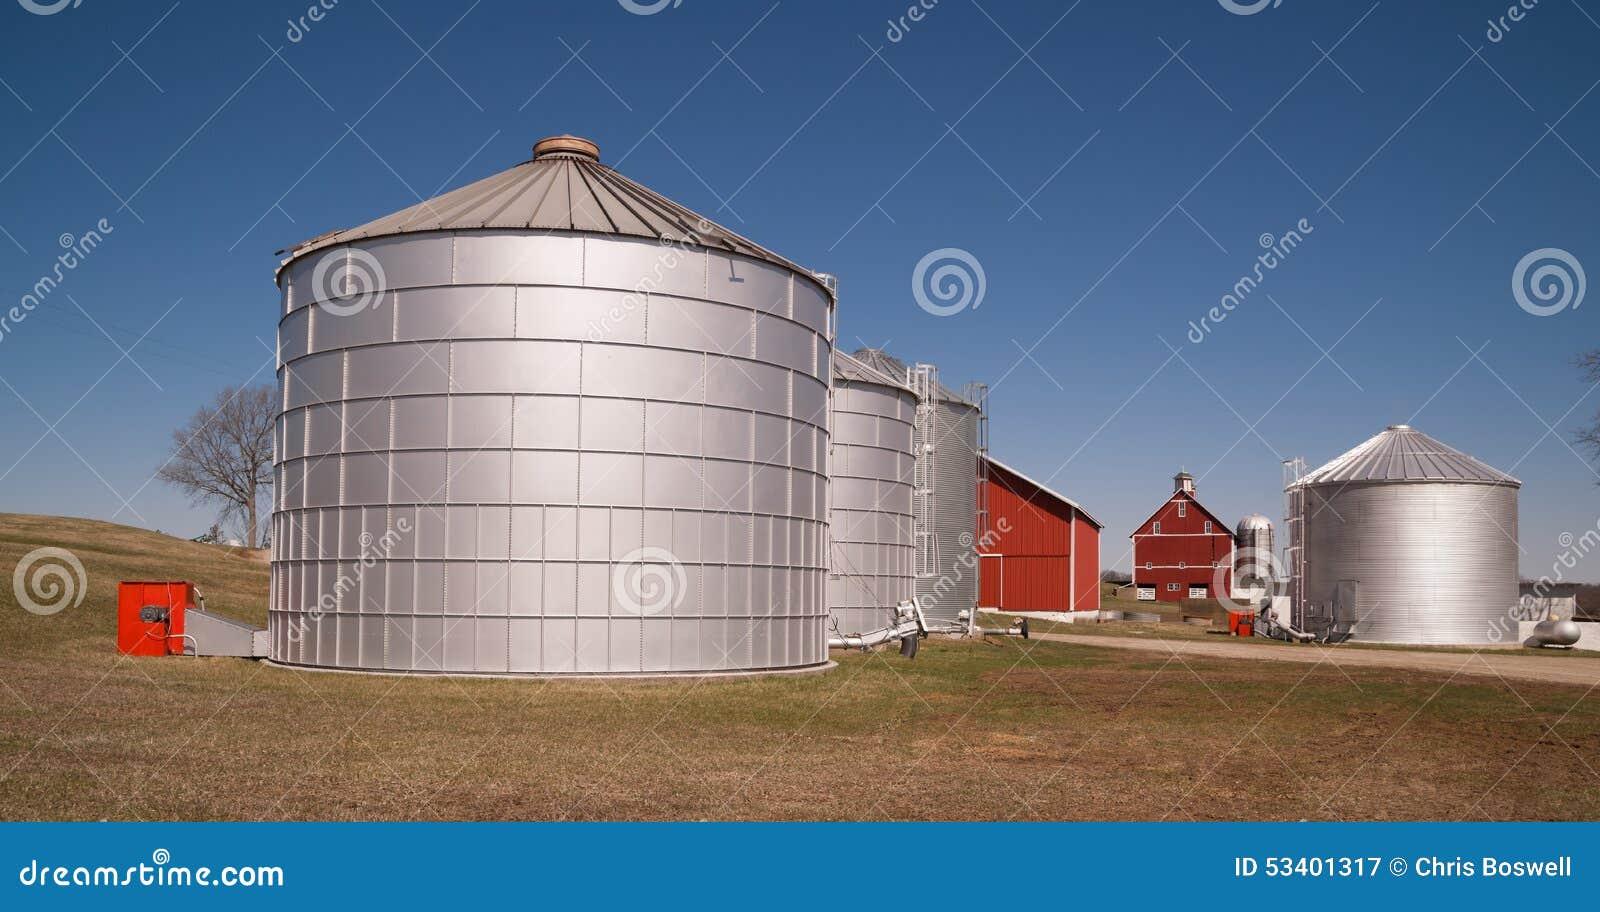 Farm Business & Production Management